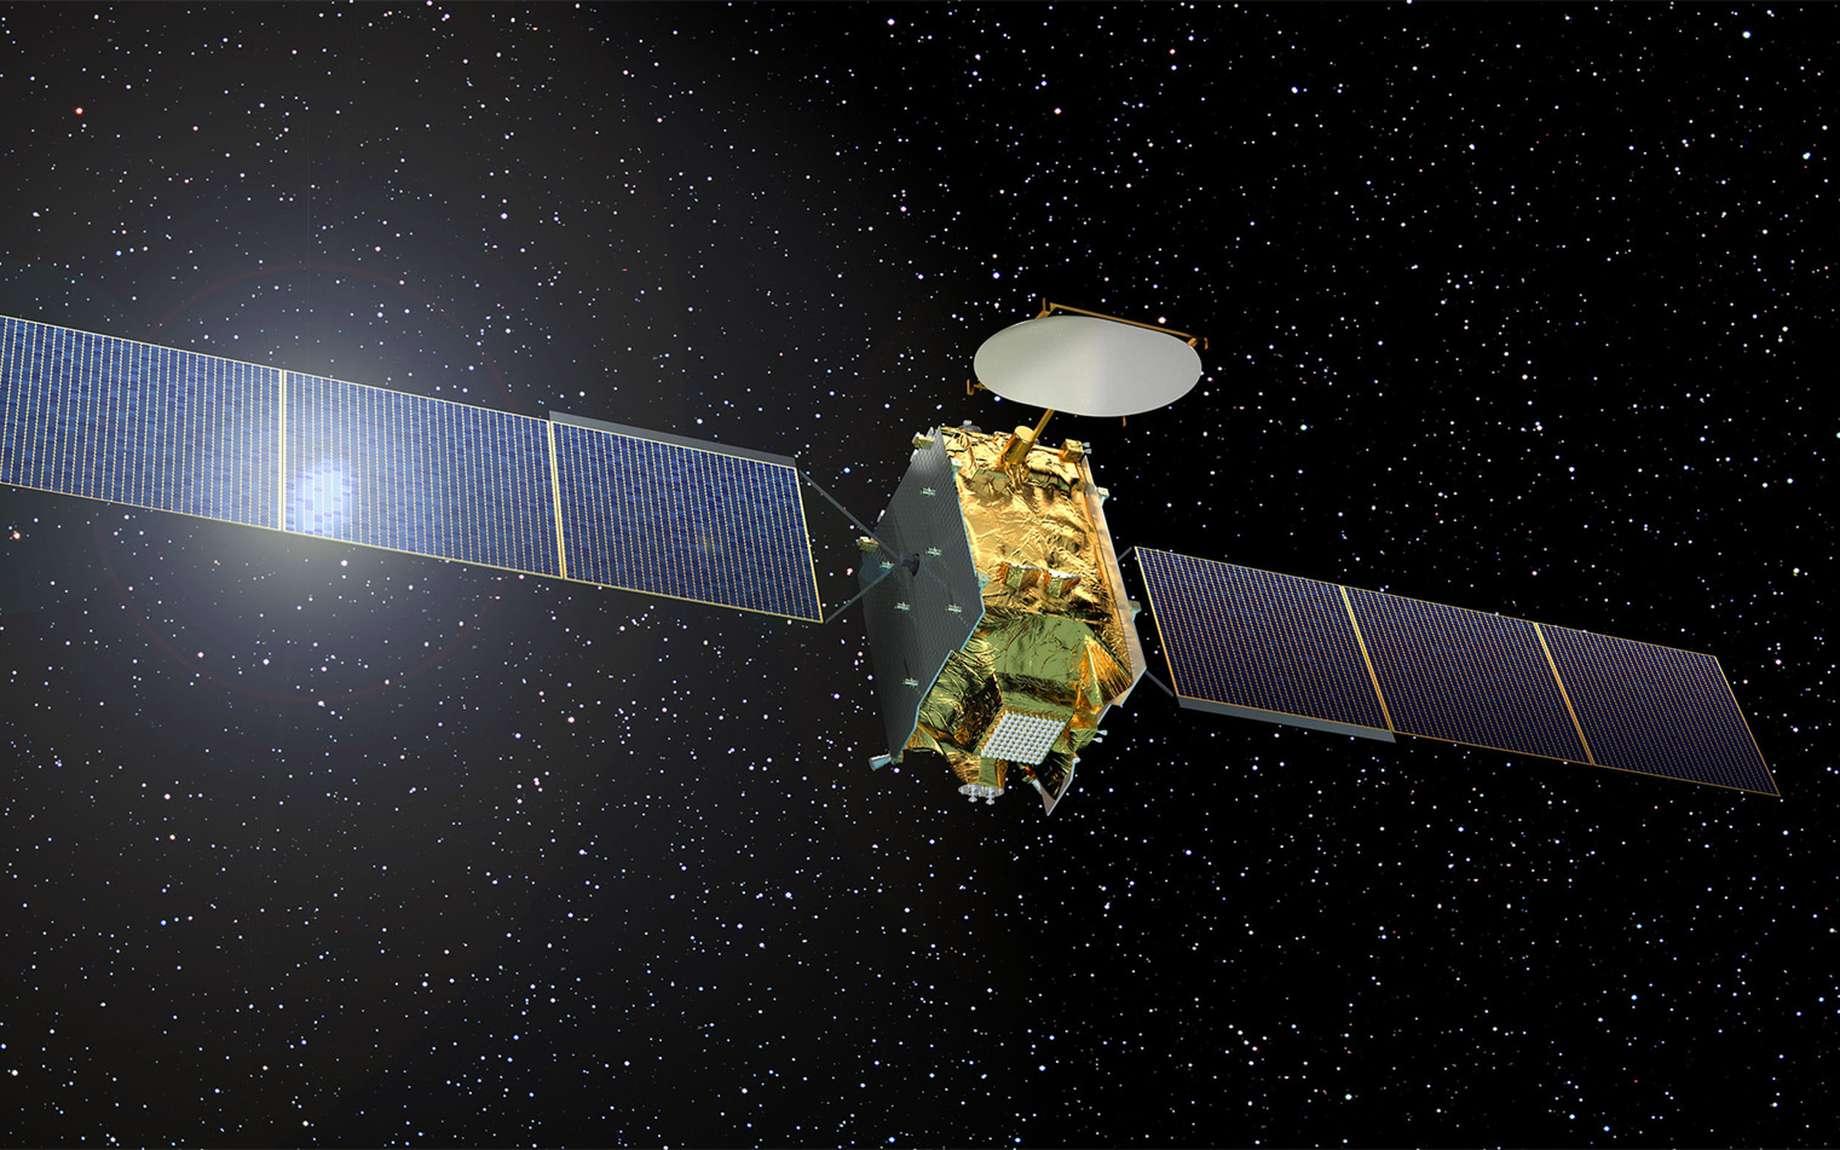 Le satellite Quantum d'Eutelsat qui sera construit par Airbus Defence and Space et lancé en 2019. © Airbus DS, Eutelsat